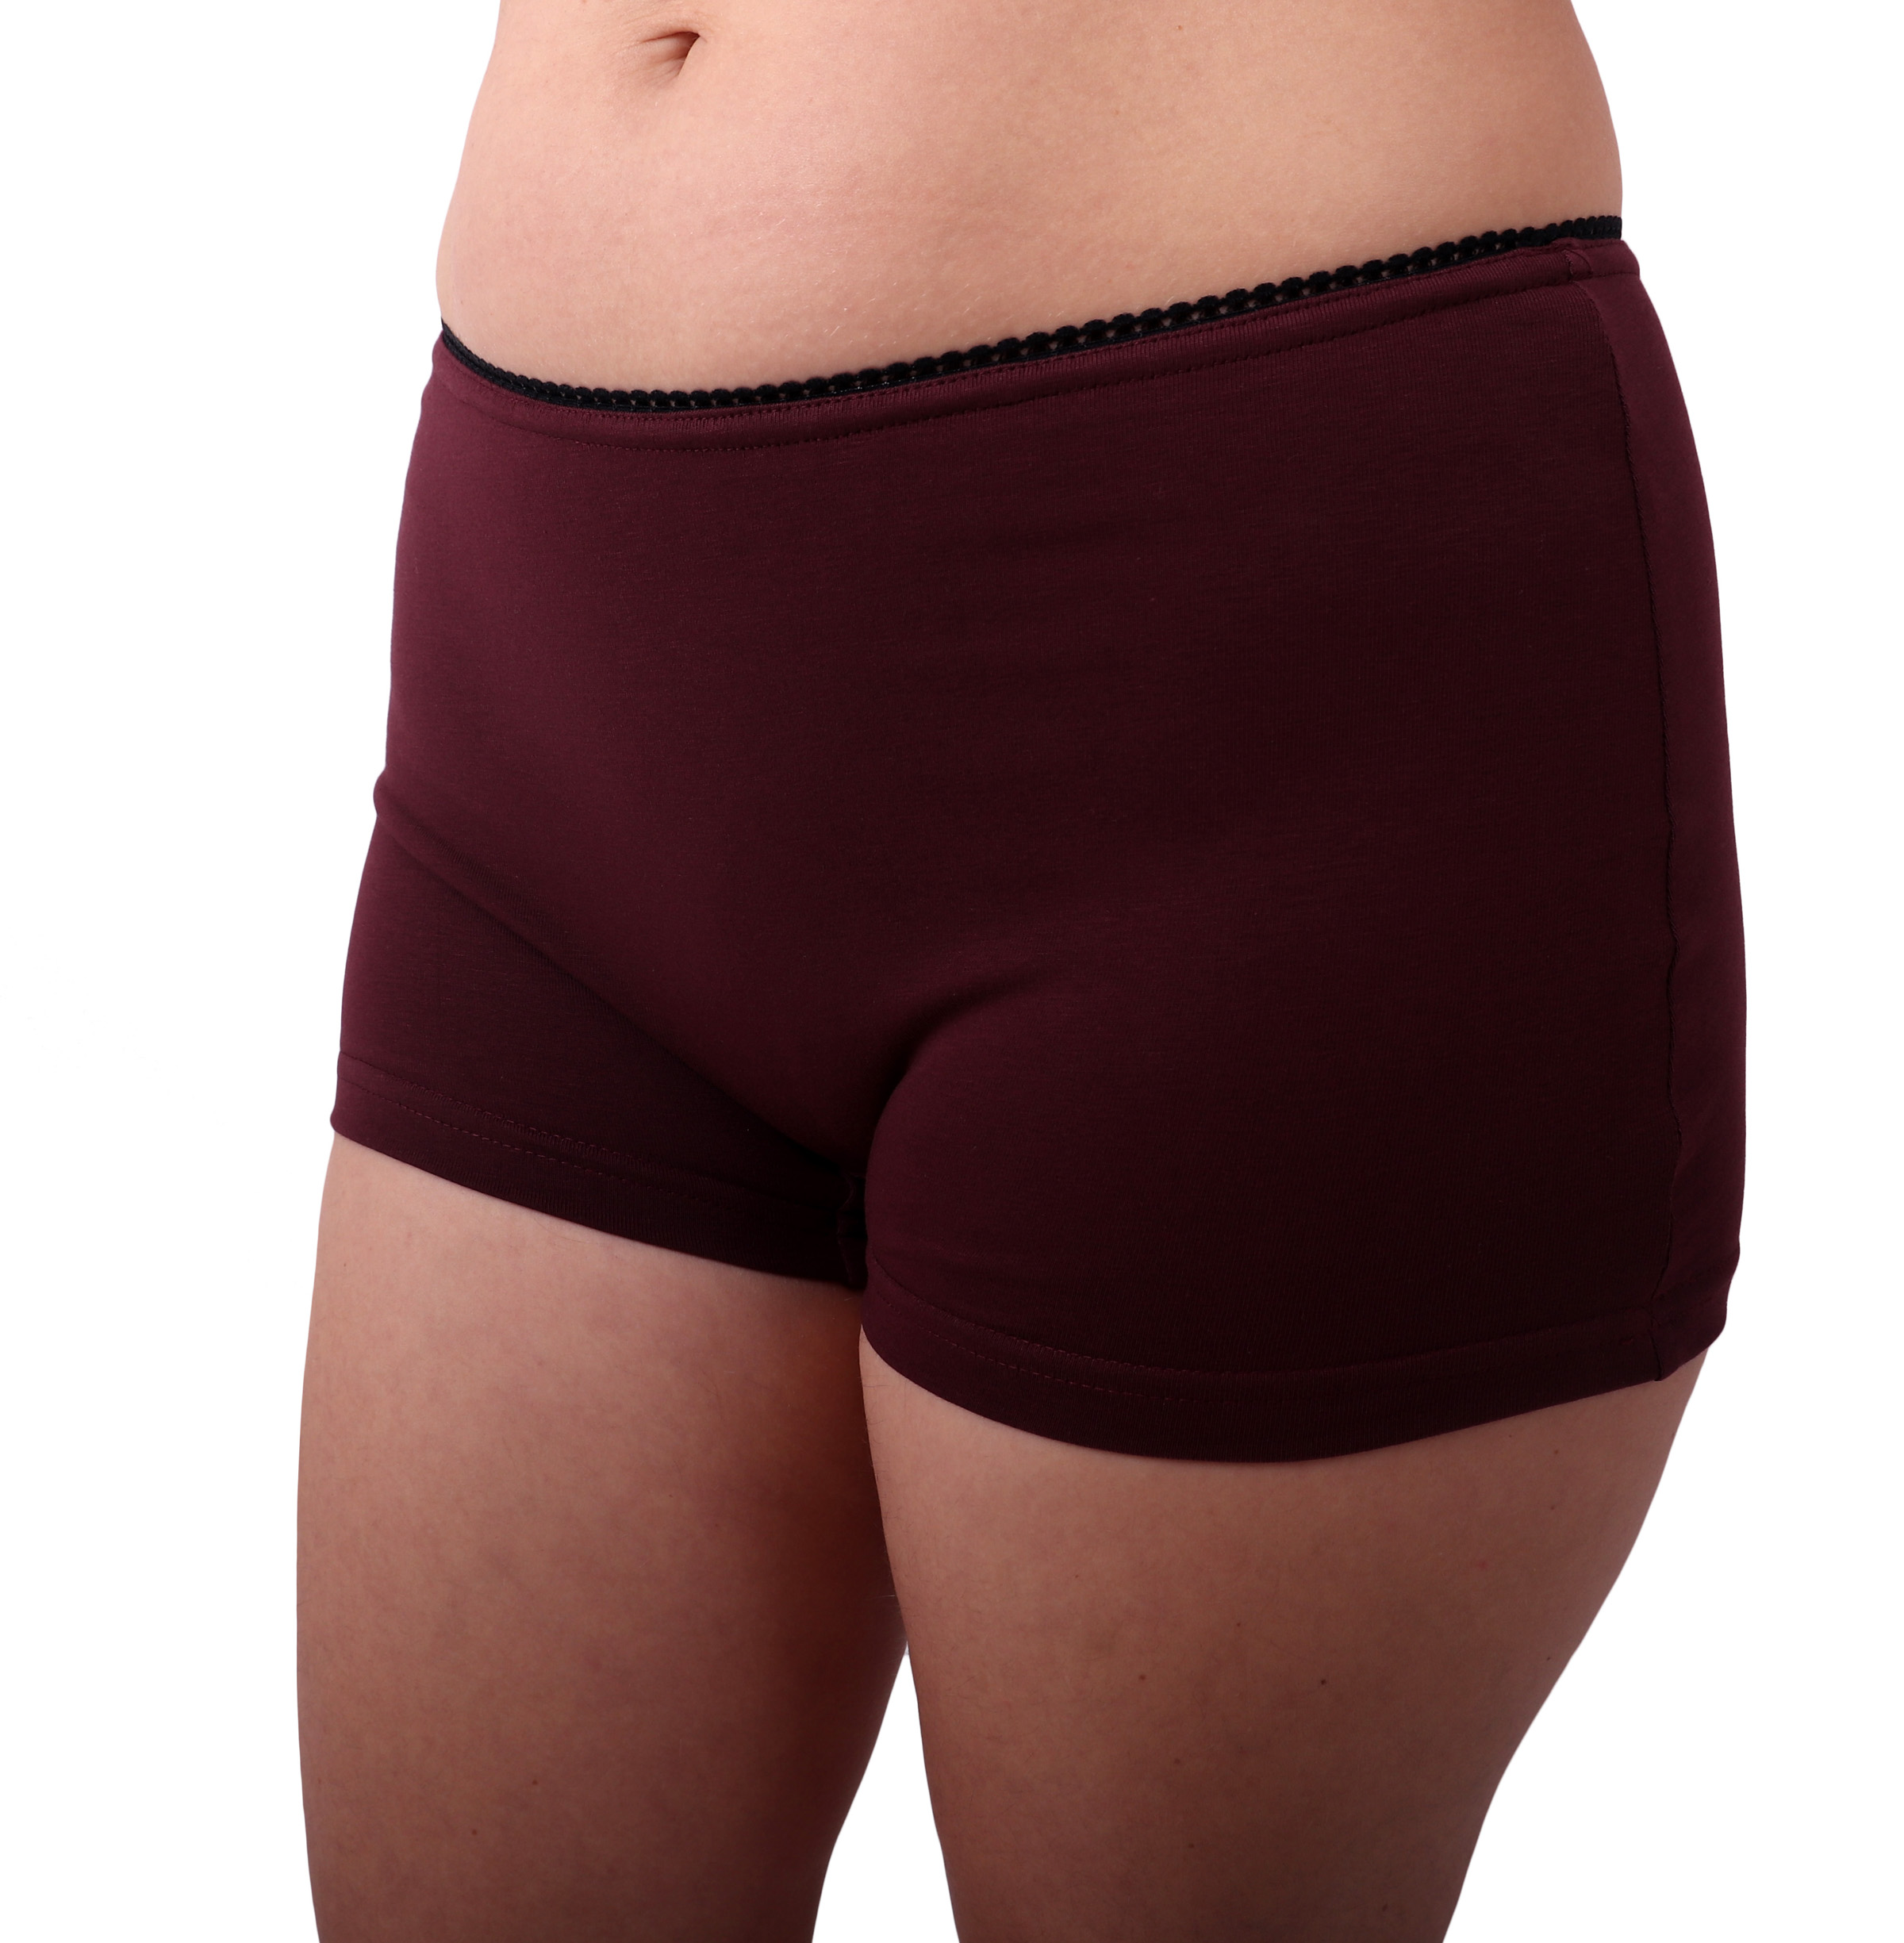 Dámské kalhotky bavlněné, nohavičkové, bordo, 36